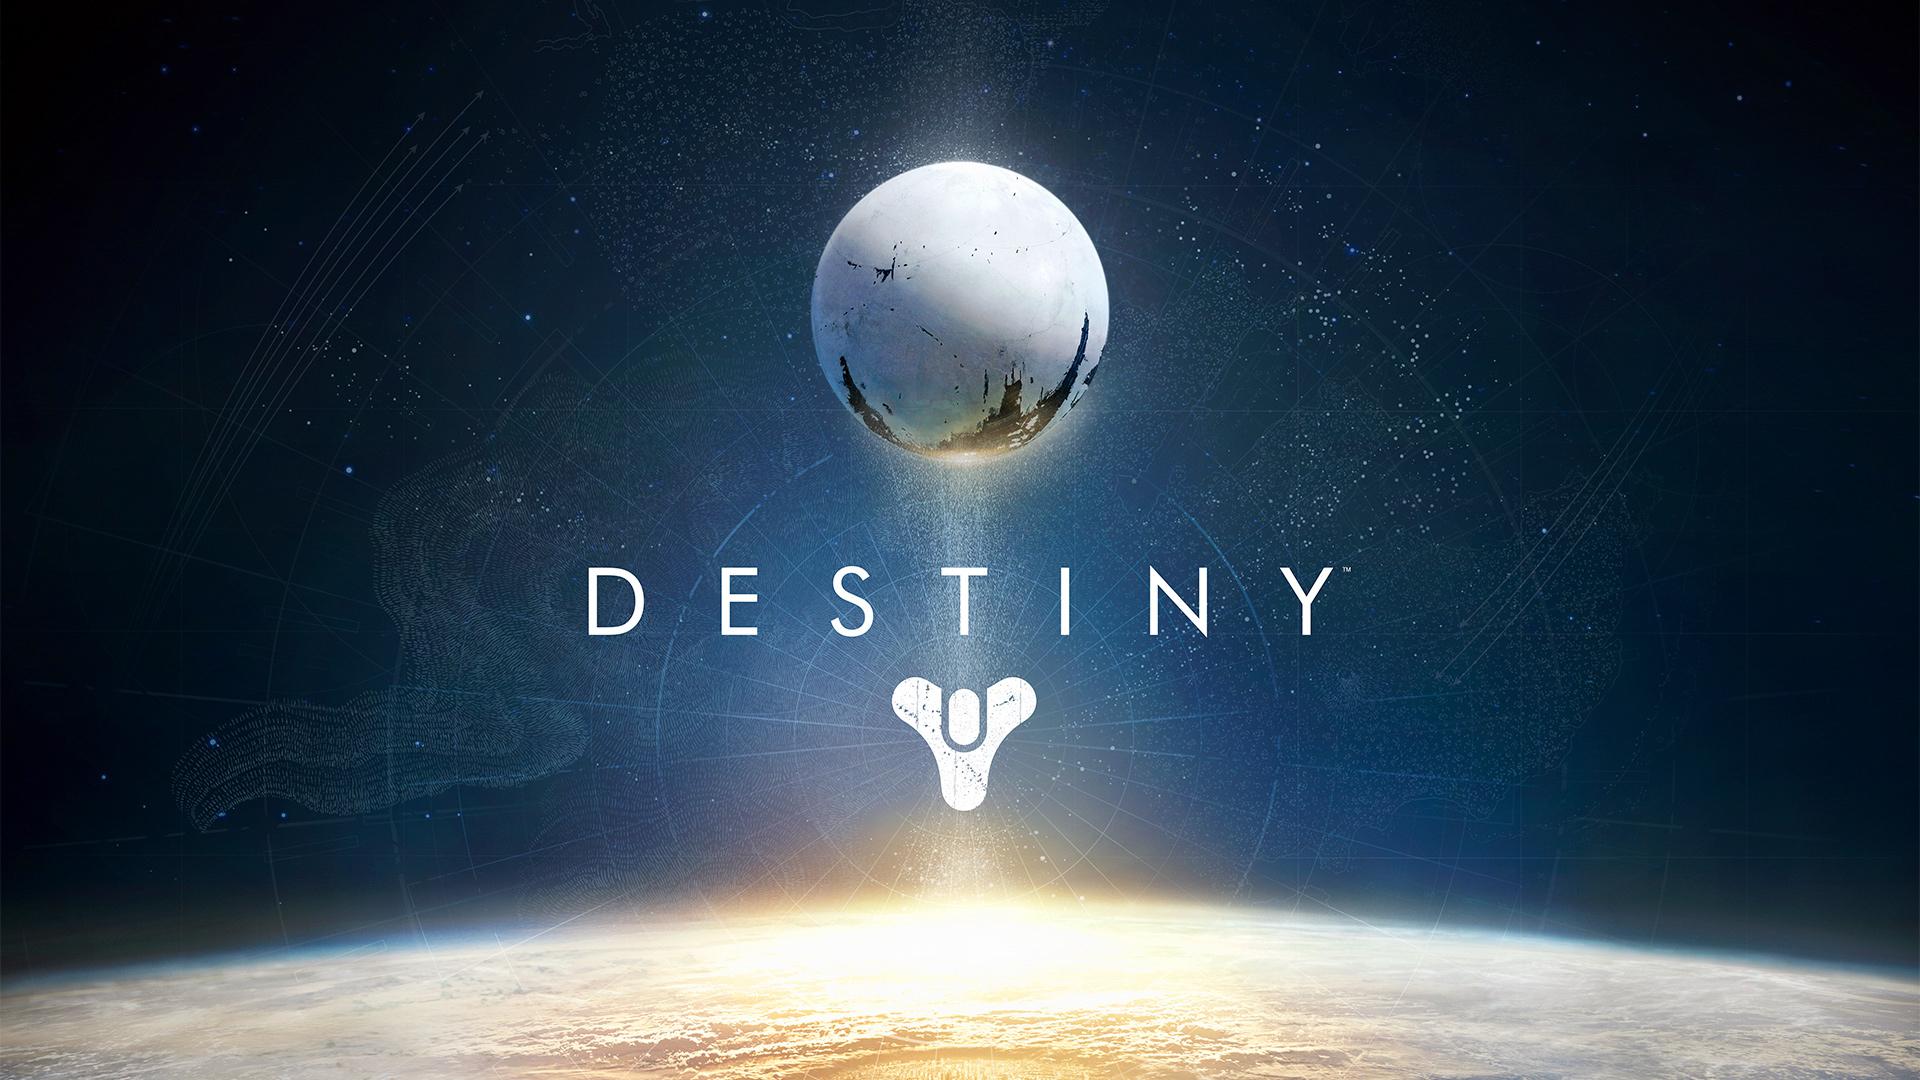 destiny game logo - photo #23